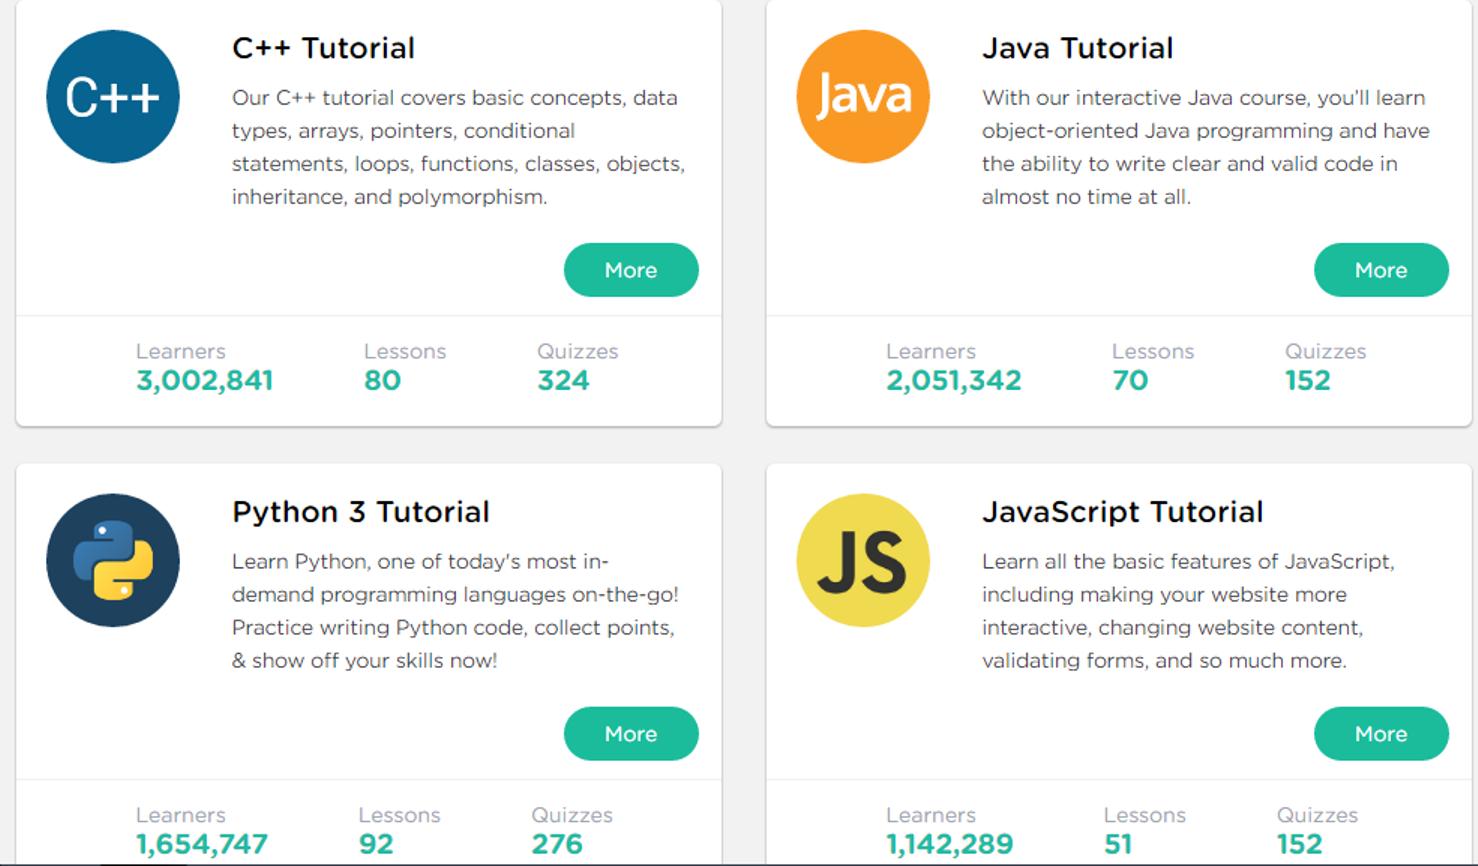 موقع رائع لتعلم أي لغة برمجة مع الحصول على شهادة